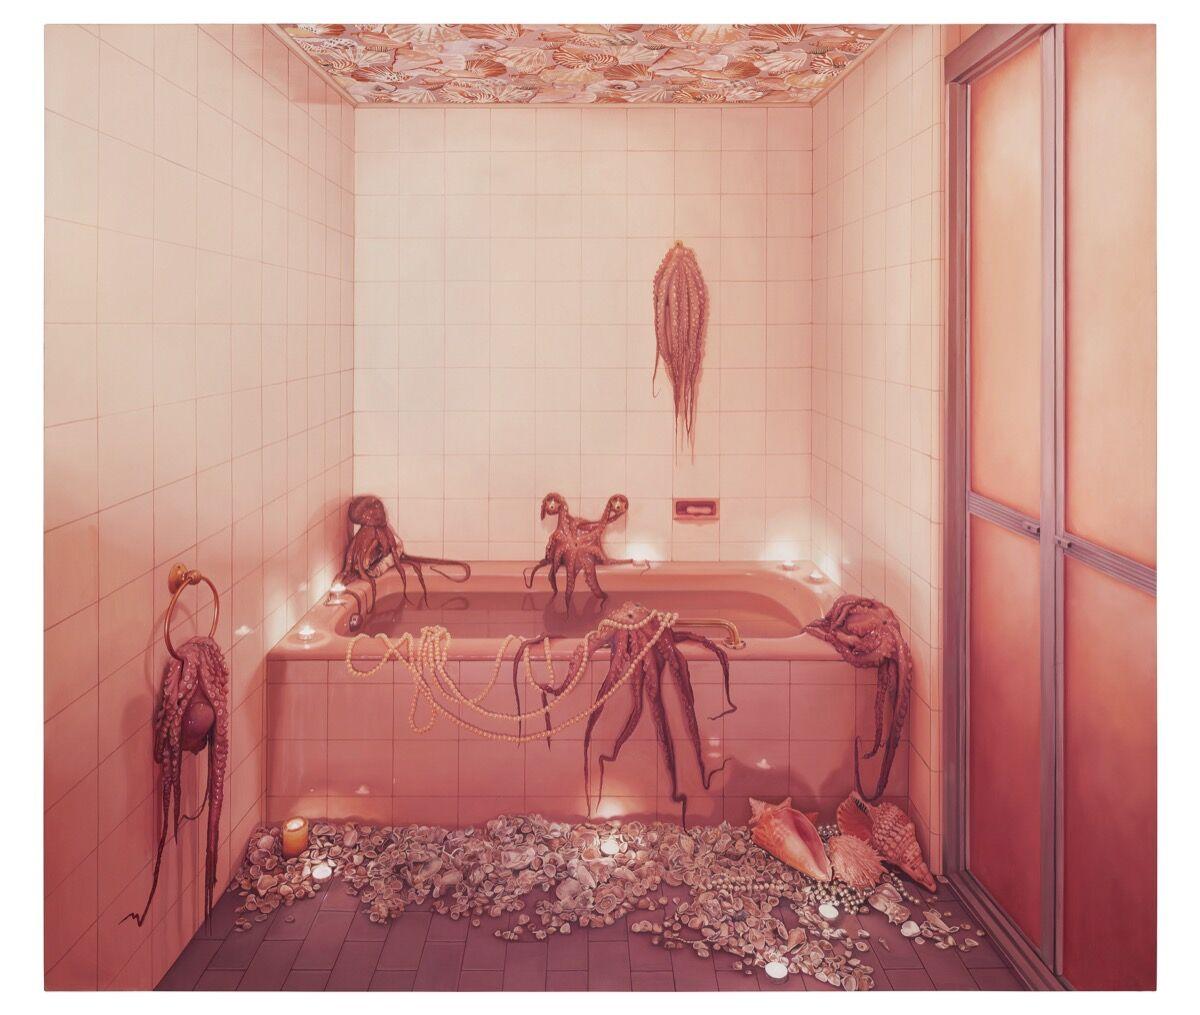 Ana Elisa Egreja, Banheiro rosa com polvos, 2017. Courtesy of Galeria Leme.